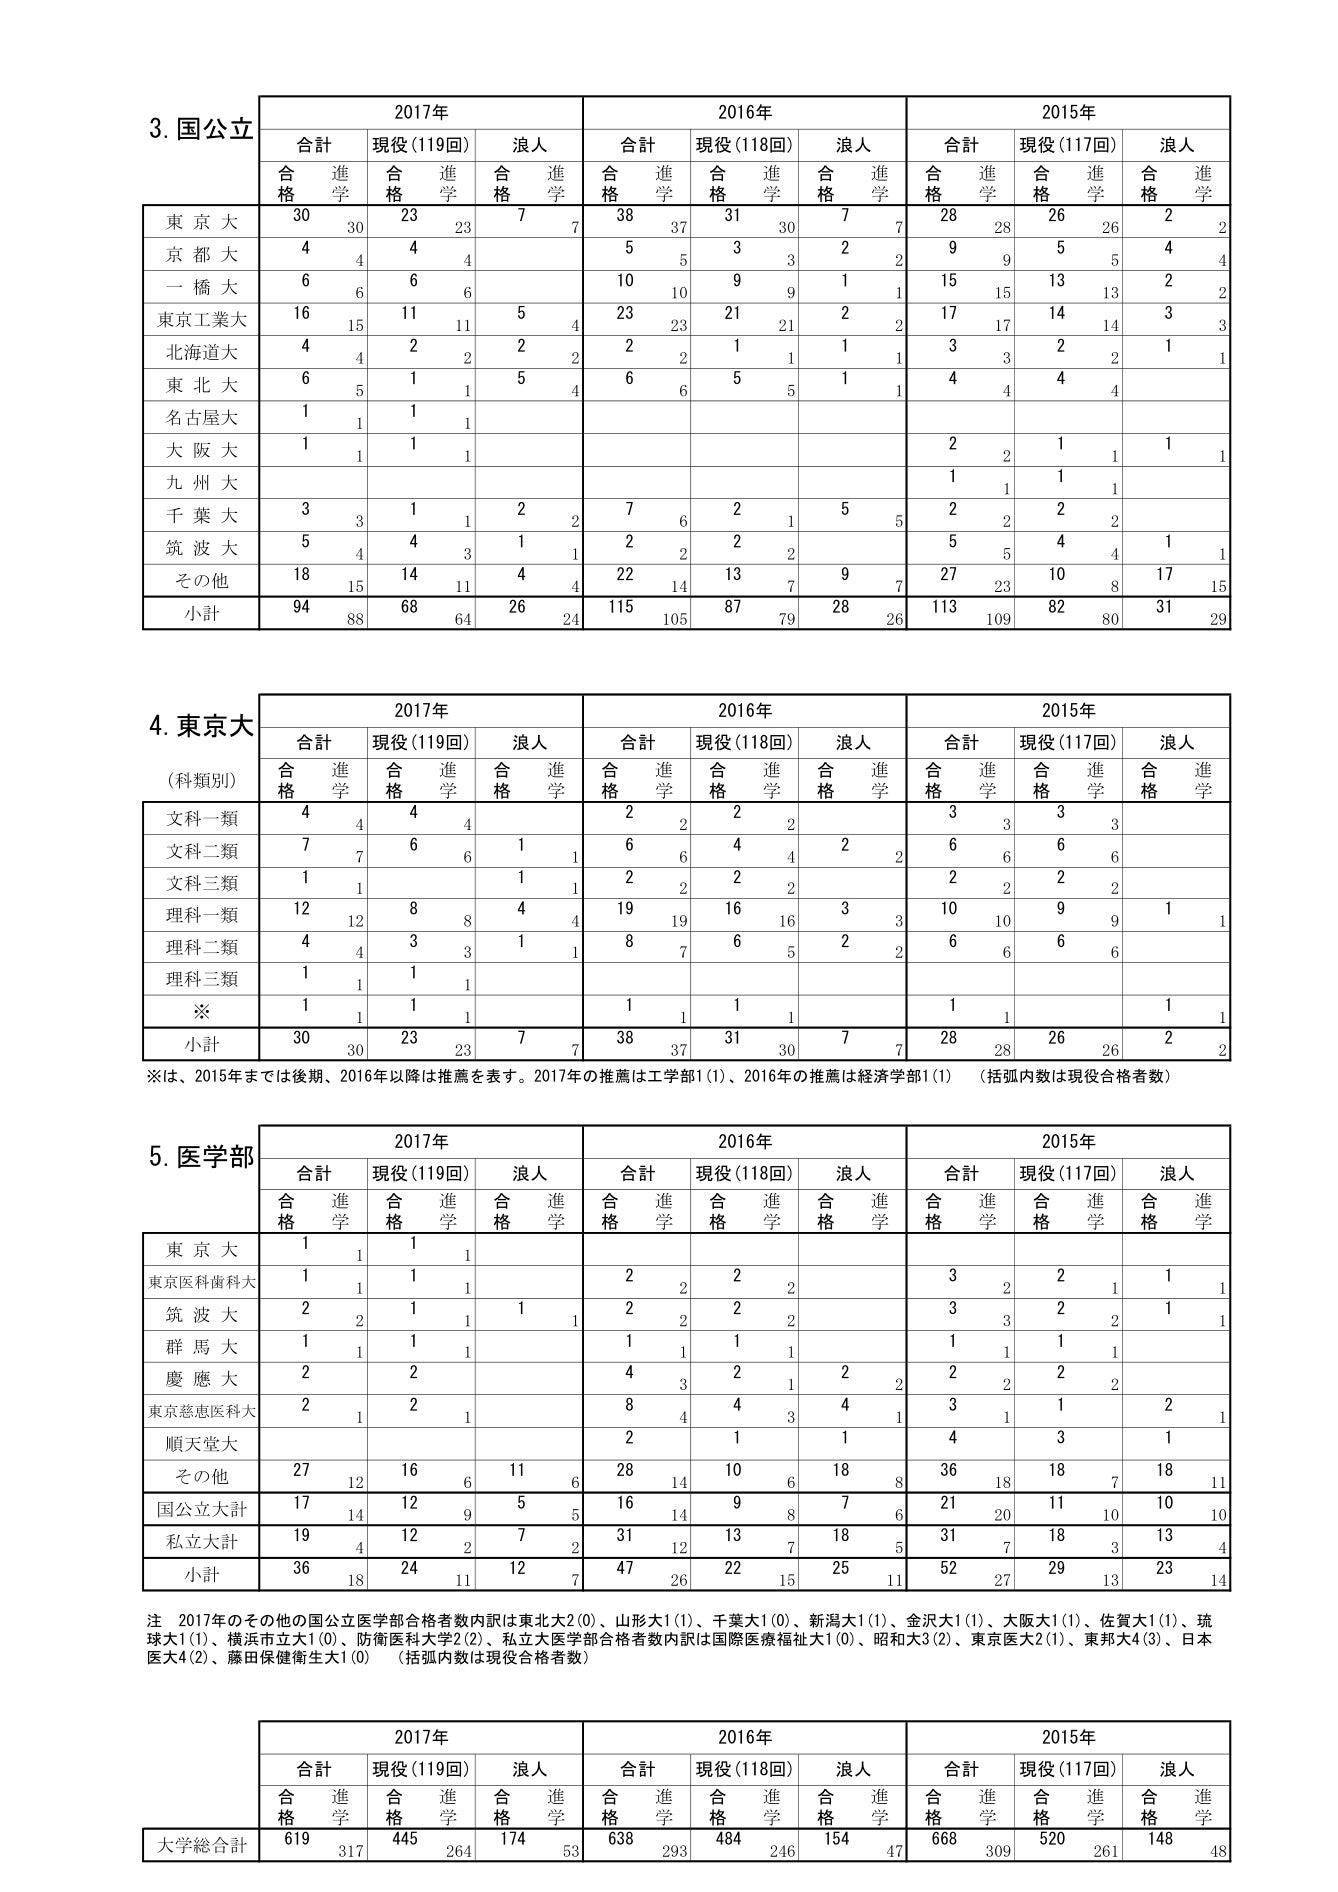 筑波 大学 附属 中学校 根強い人気を誇る筑波大学附属中学校の特徴・魅力とは?